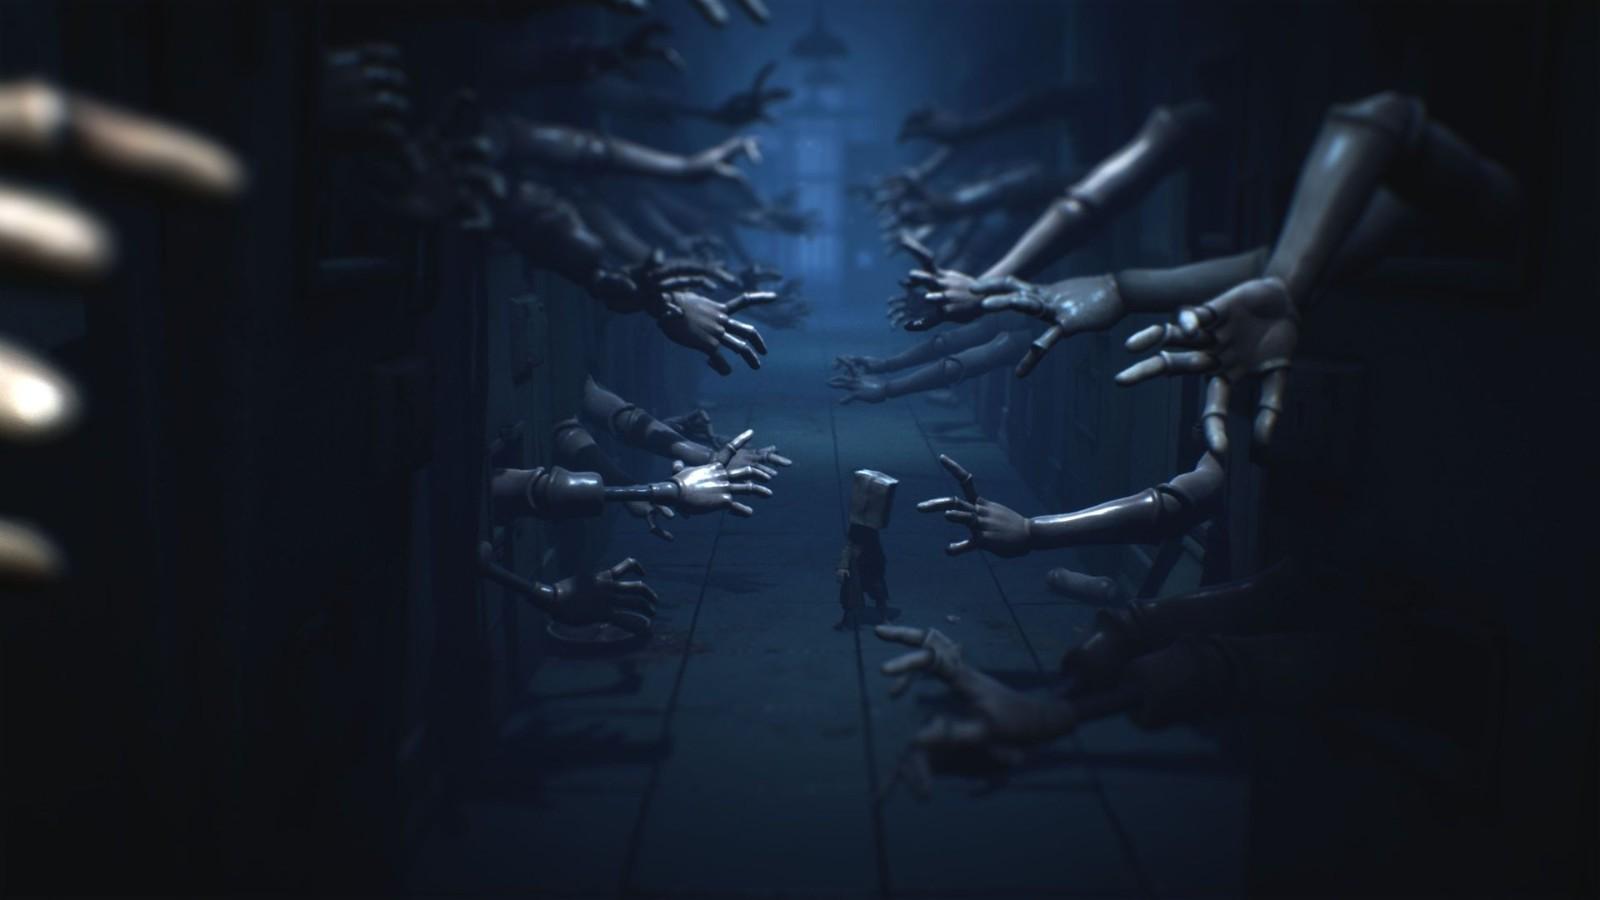 《小小梦魇》未来新作将不会由Tarsier工作室制作